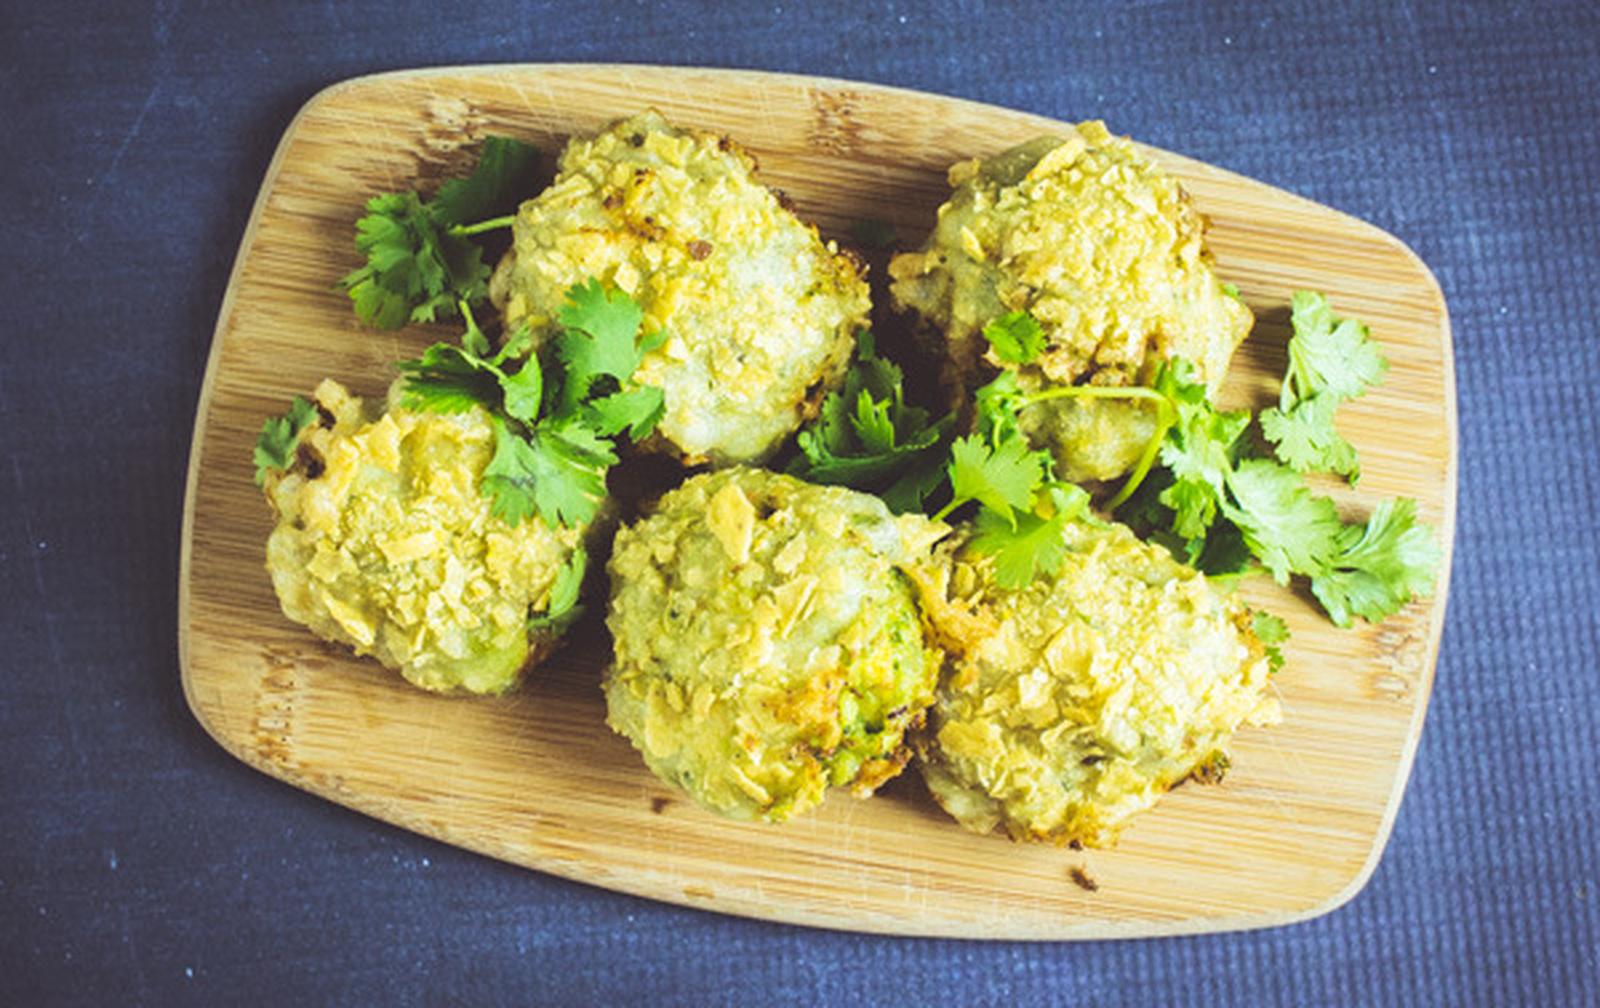 Fried Guacamole Two Ways [Vegan]